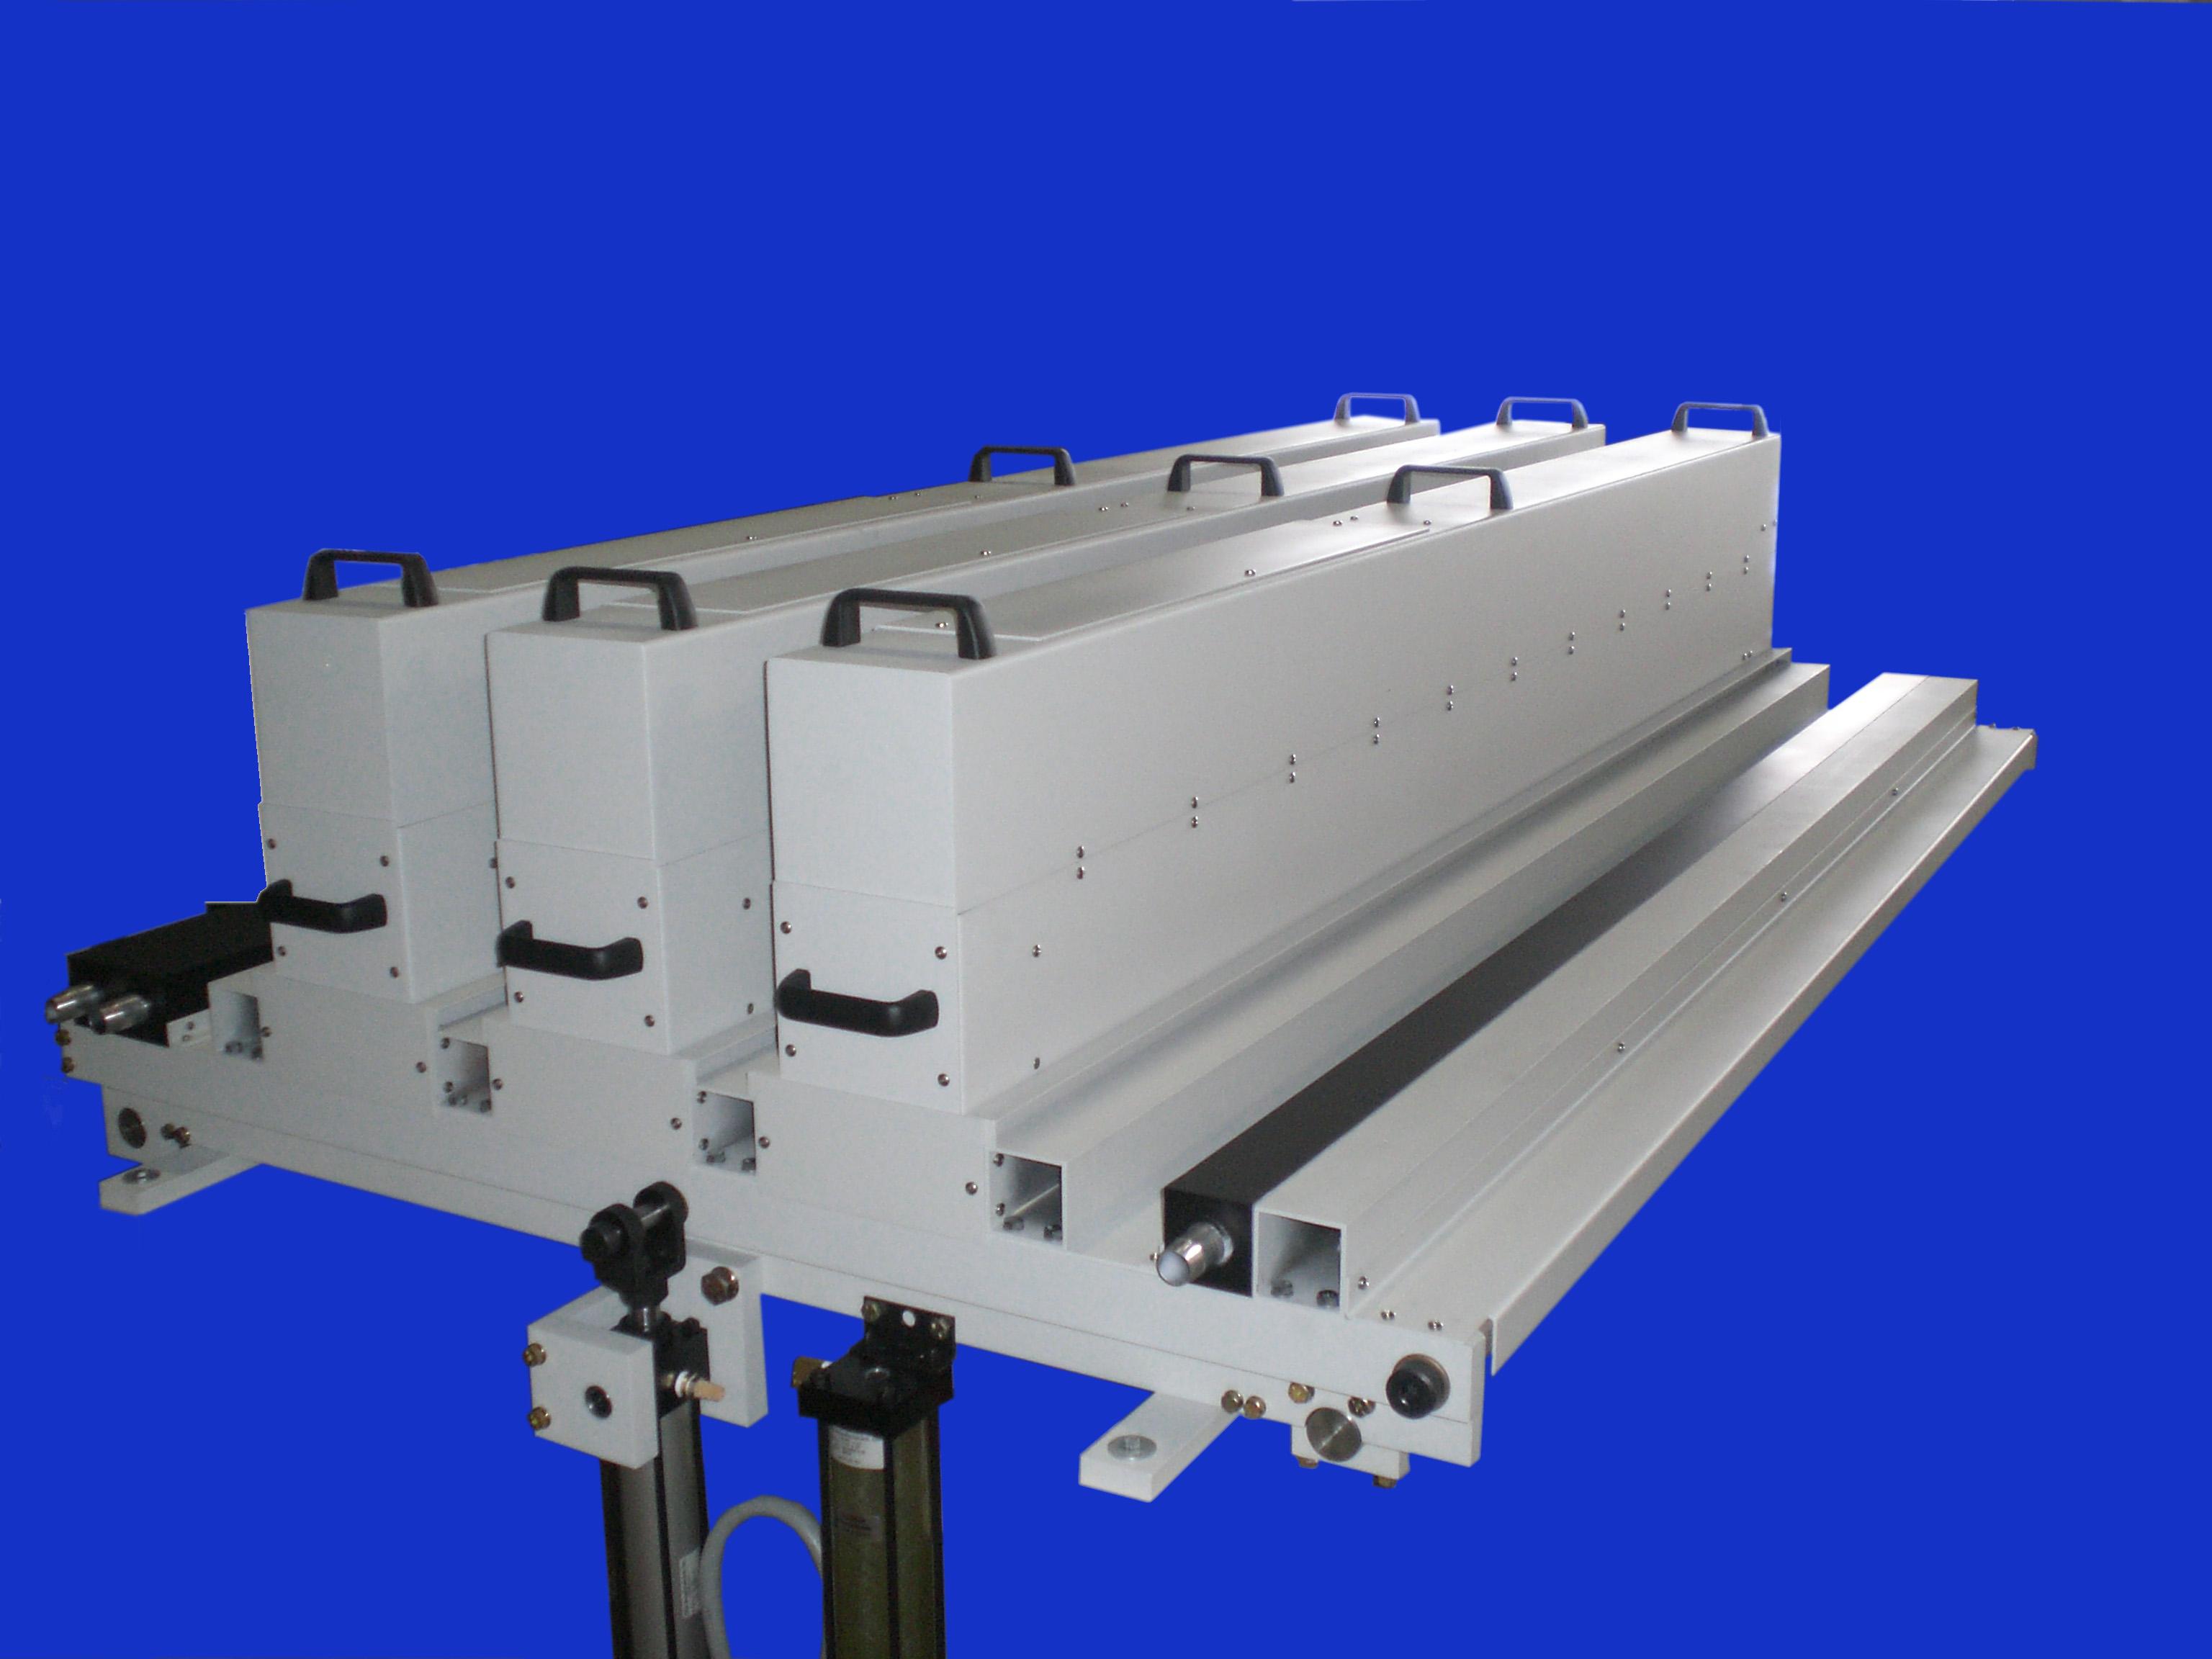 Uv silicone sealant gun